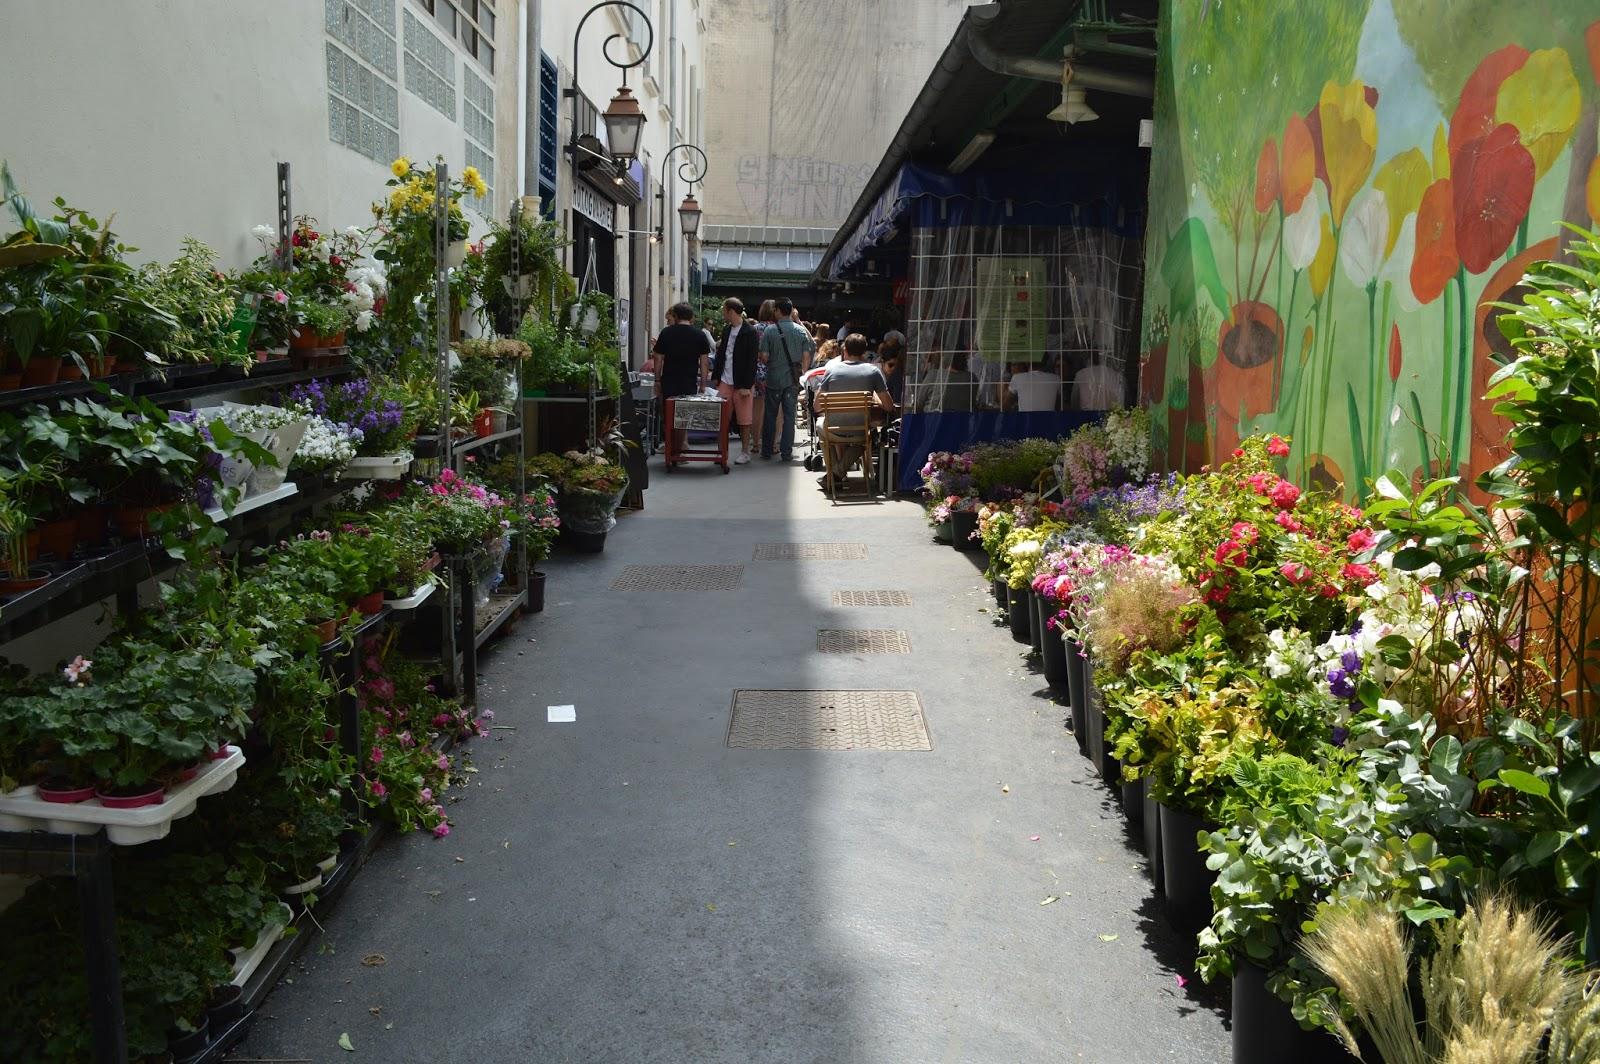 Marché des enfants rouges Paris flower and food market marais